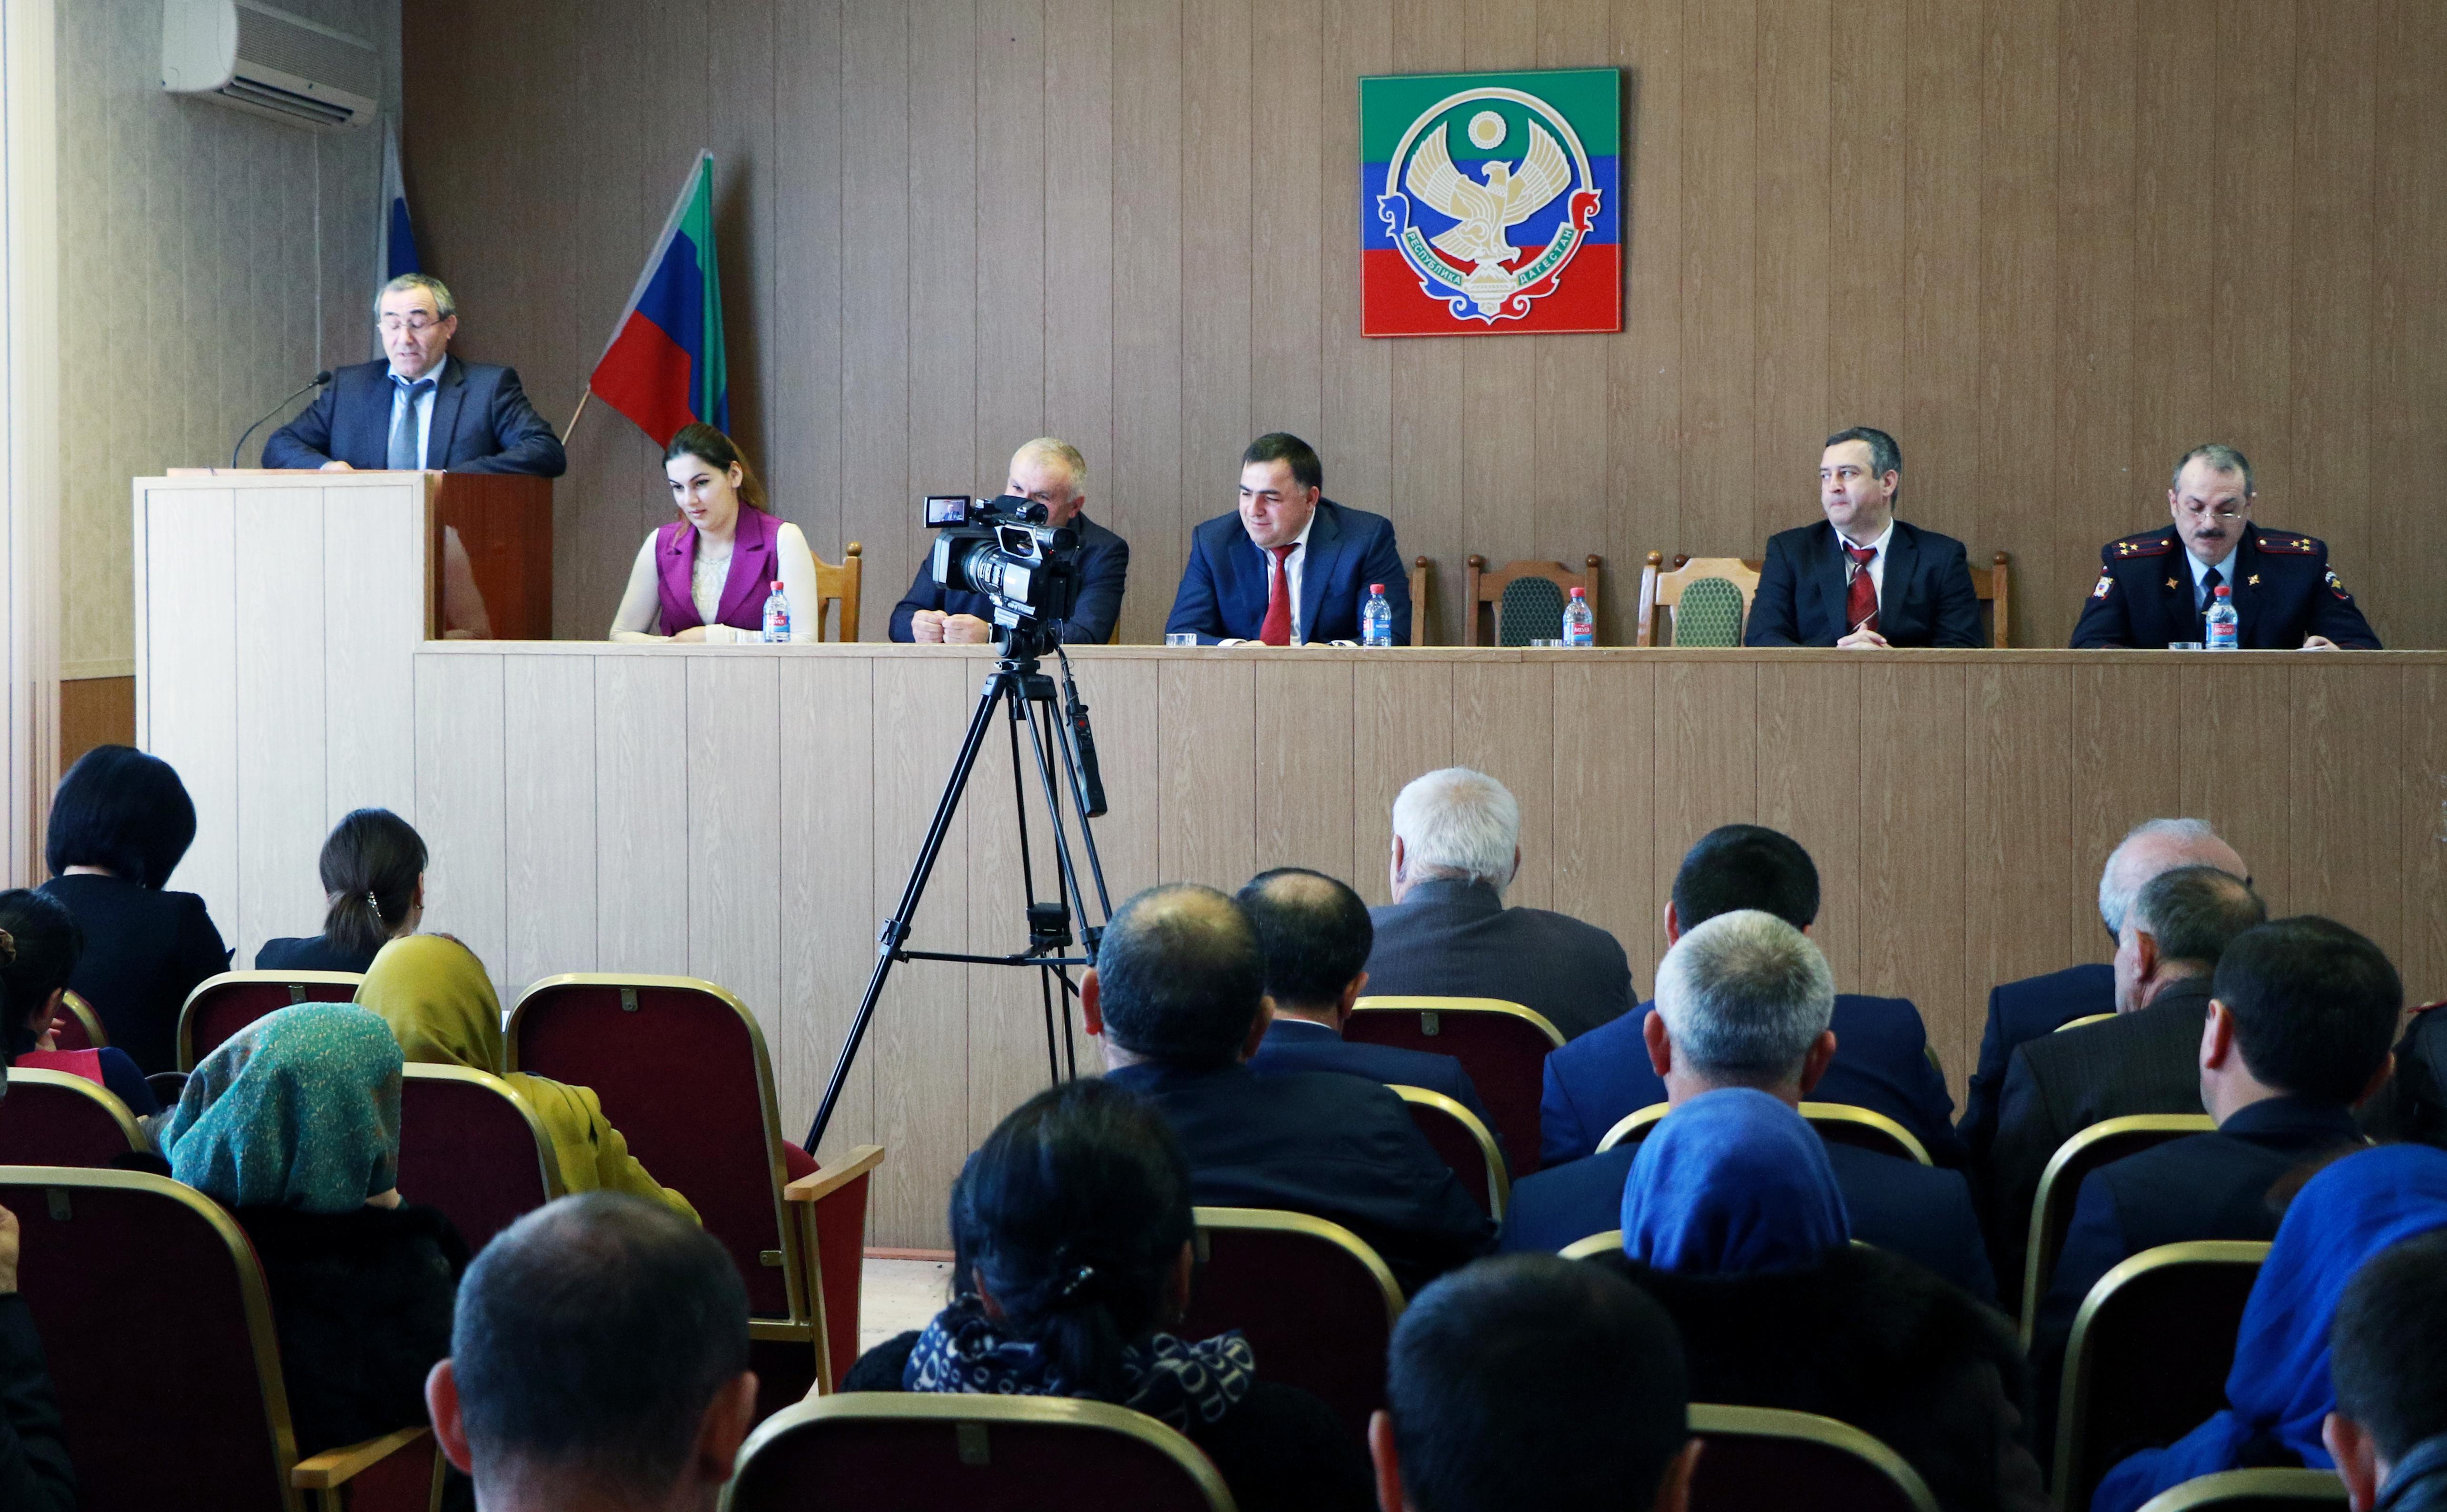 Послание Главы республики Народному Собранию РД обсудили в Магарамкентском районе